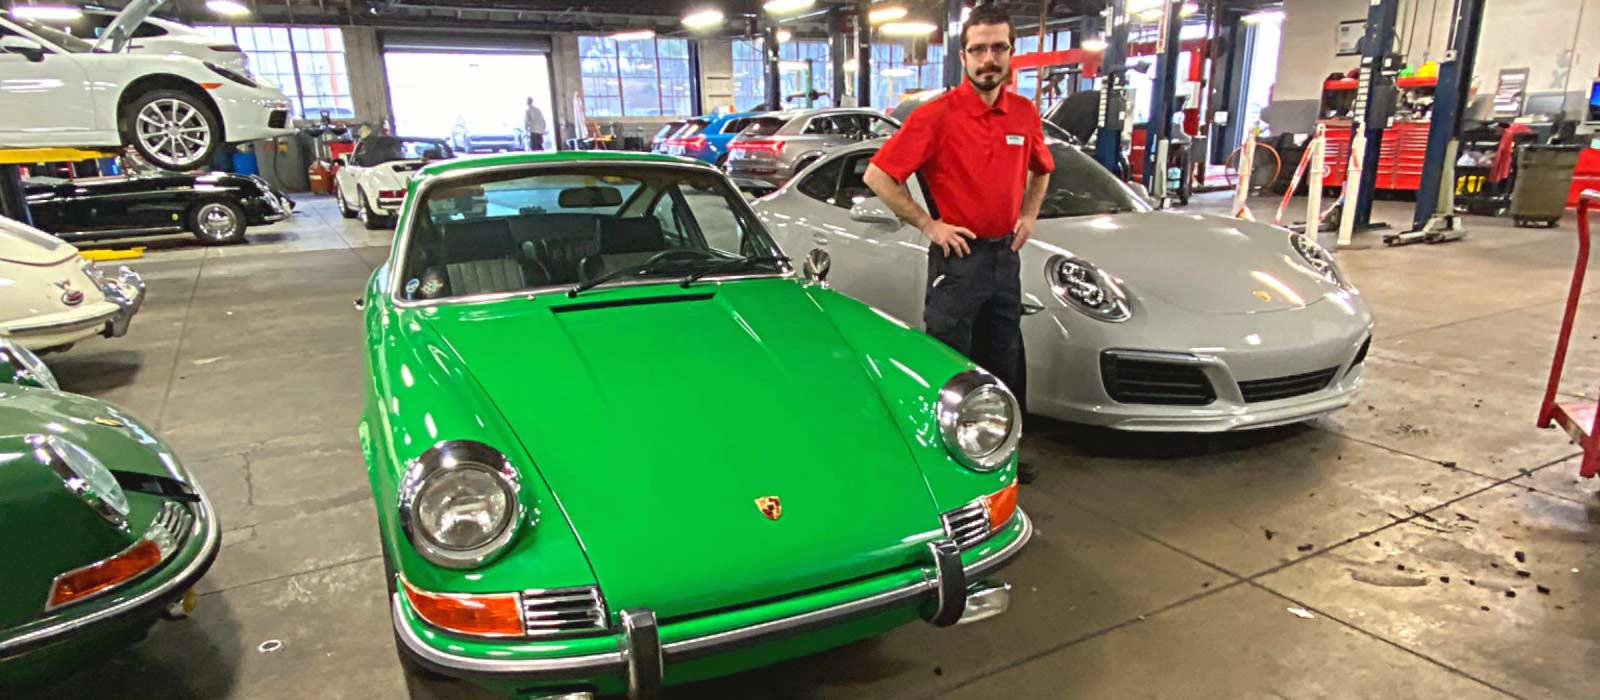 UTI Grad Goes From Community College to Porsche Technician